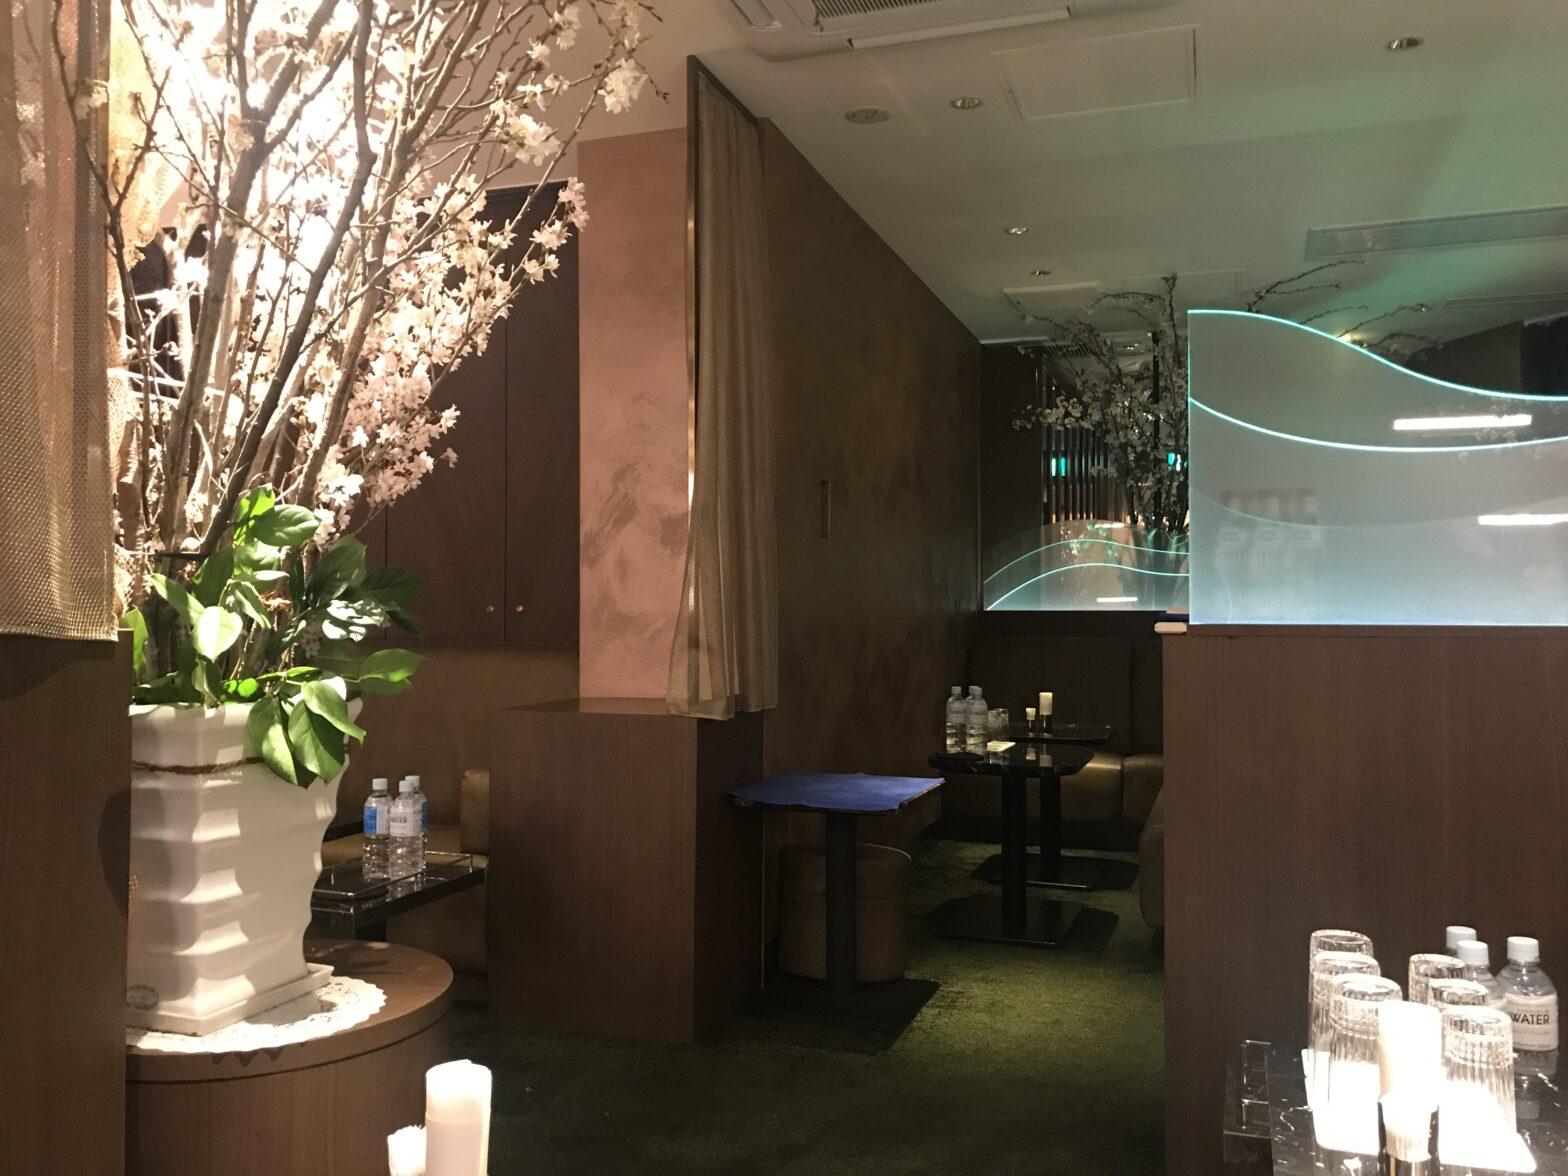 銀座の高級クラブ、シレーヌ(ClubSirene)の店内画像